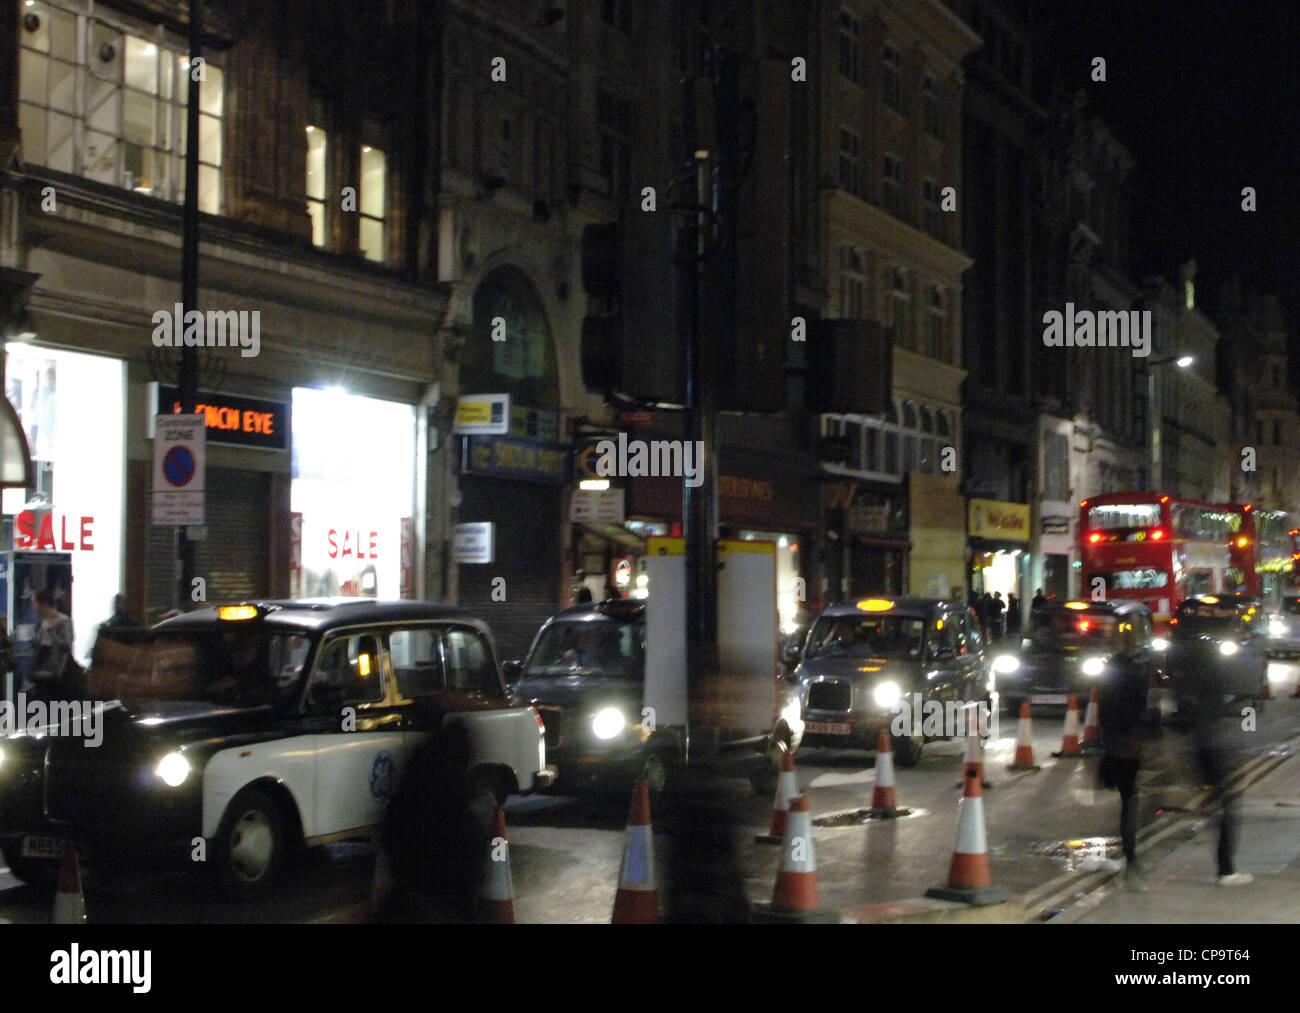 England. London. Nächtliche Szene in Totenham Court Road. Stockbild